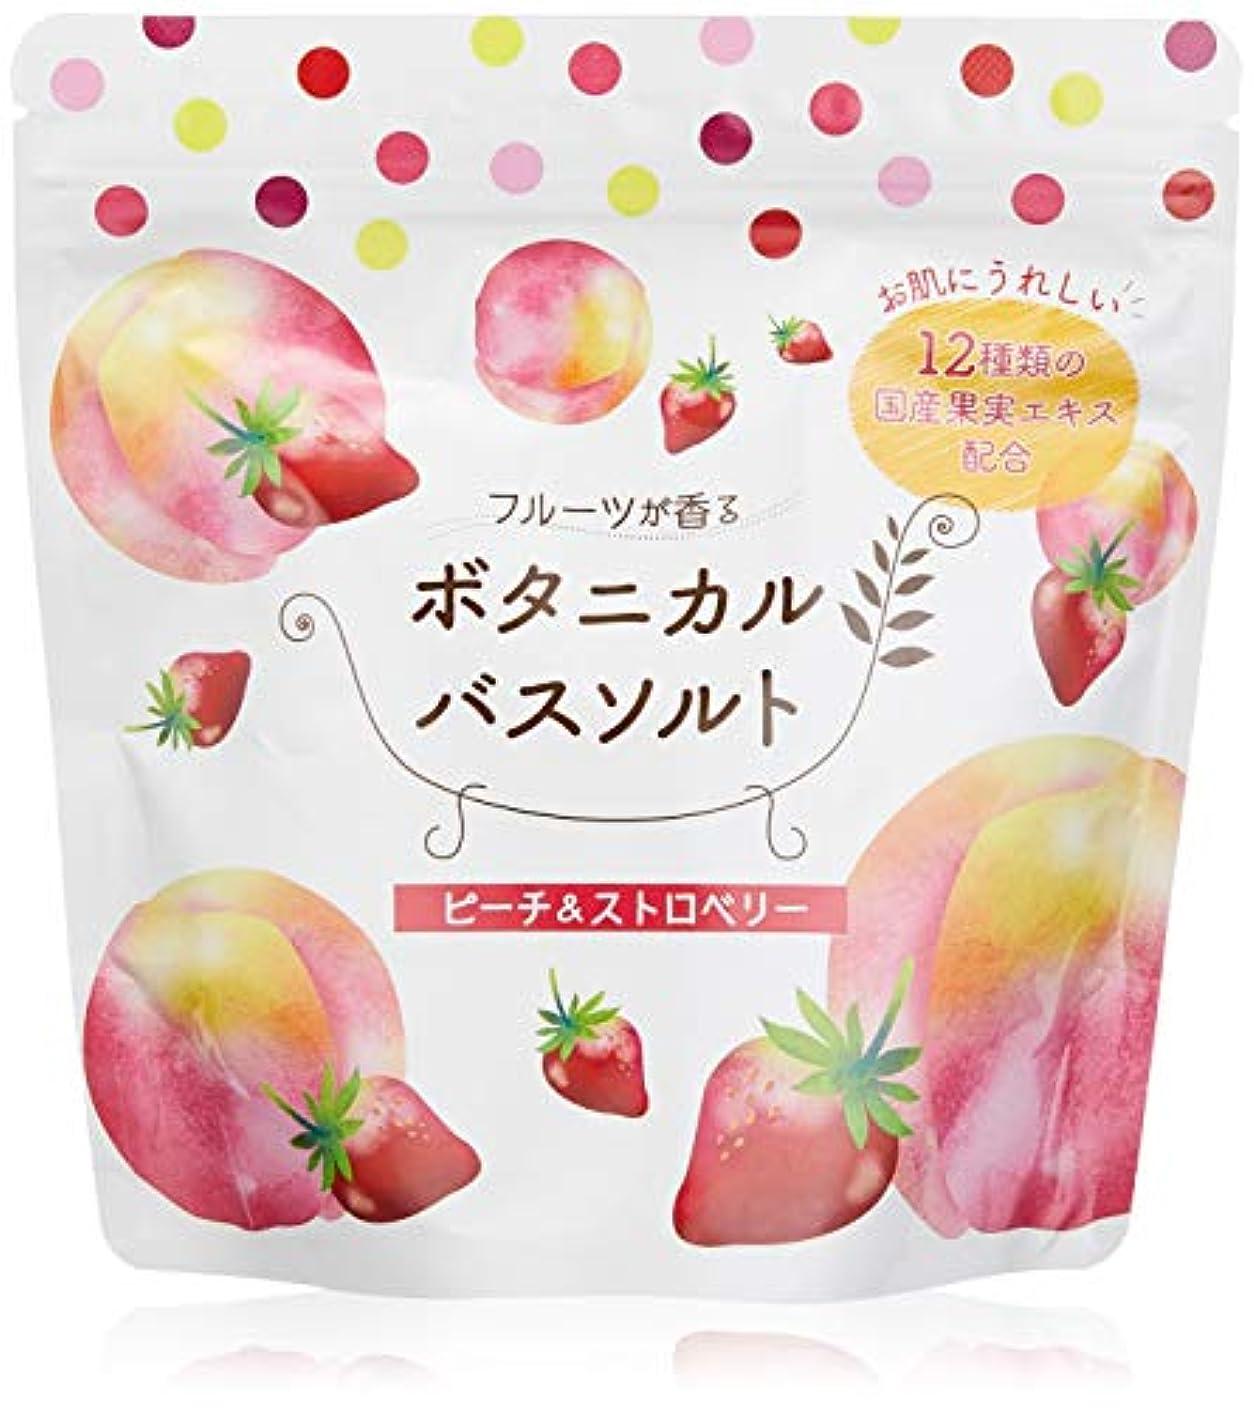 所有者一緒ジャグリング松田医薬品 フルーツが香るボタニカルバスソルト ピーチ&ストロベリー 450g